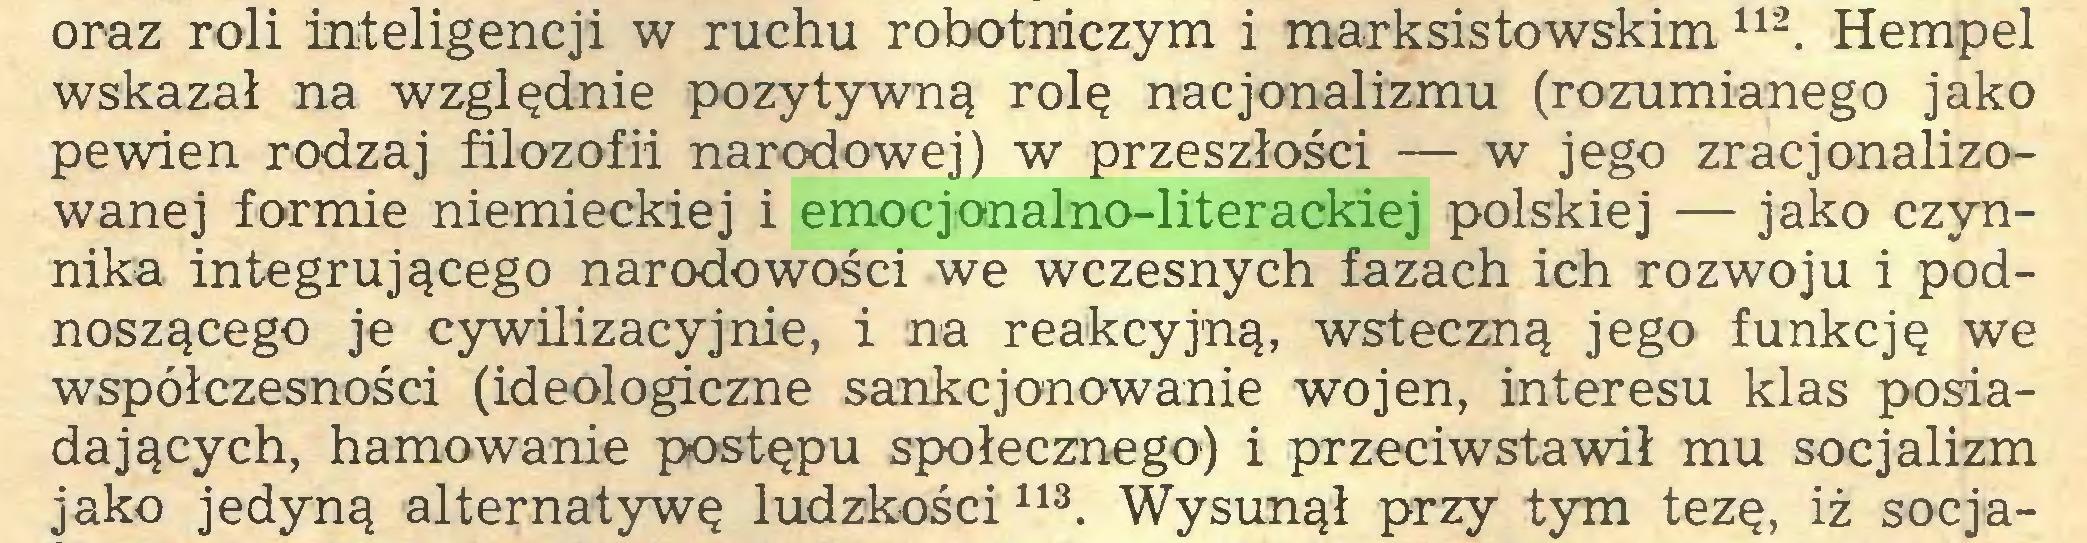 (...) oraz roli inteligencji w ruchu robotniczym i marksistowskim112. Hempel wskazał na względnie pozytywną rolę nacjonalizmu (rozumianego jako pewien rodzaj filozofii narodowej) w przeszłości — w jego zracjonalizowanej formie niemieckiej i emocjonalno-literackiej polskiej — jako czynnika integrującego narodowości we wczesnych fazach ich rozwoju i podnoszącego je cywilizacyjnie, i na reakcyjną, wsteczną jego funkcję we współczesności (ideologiczne sankcjonowanie wojen, interesu klas posiadających, hamowanie postępu społecznego) i przeciwstawił mu socjalizm jako jedyną alternatywę ludzkości113. Wysunął przy tym tezę, iż socja...